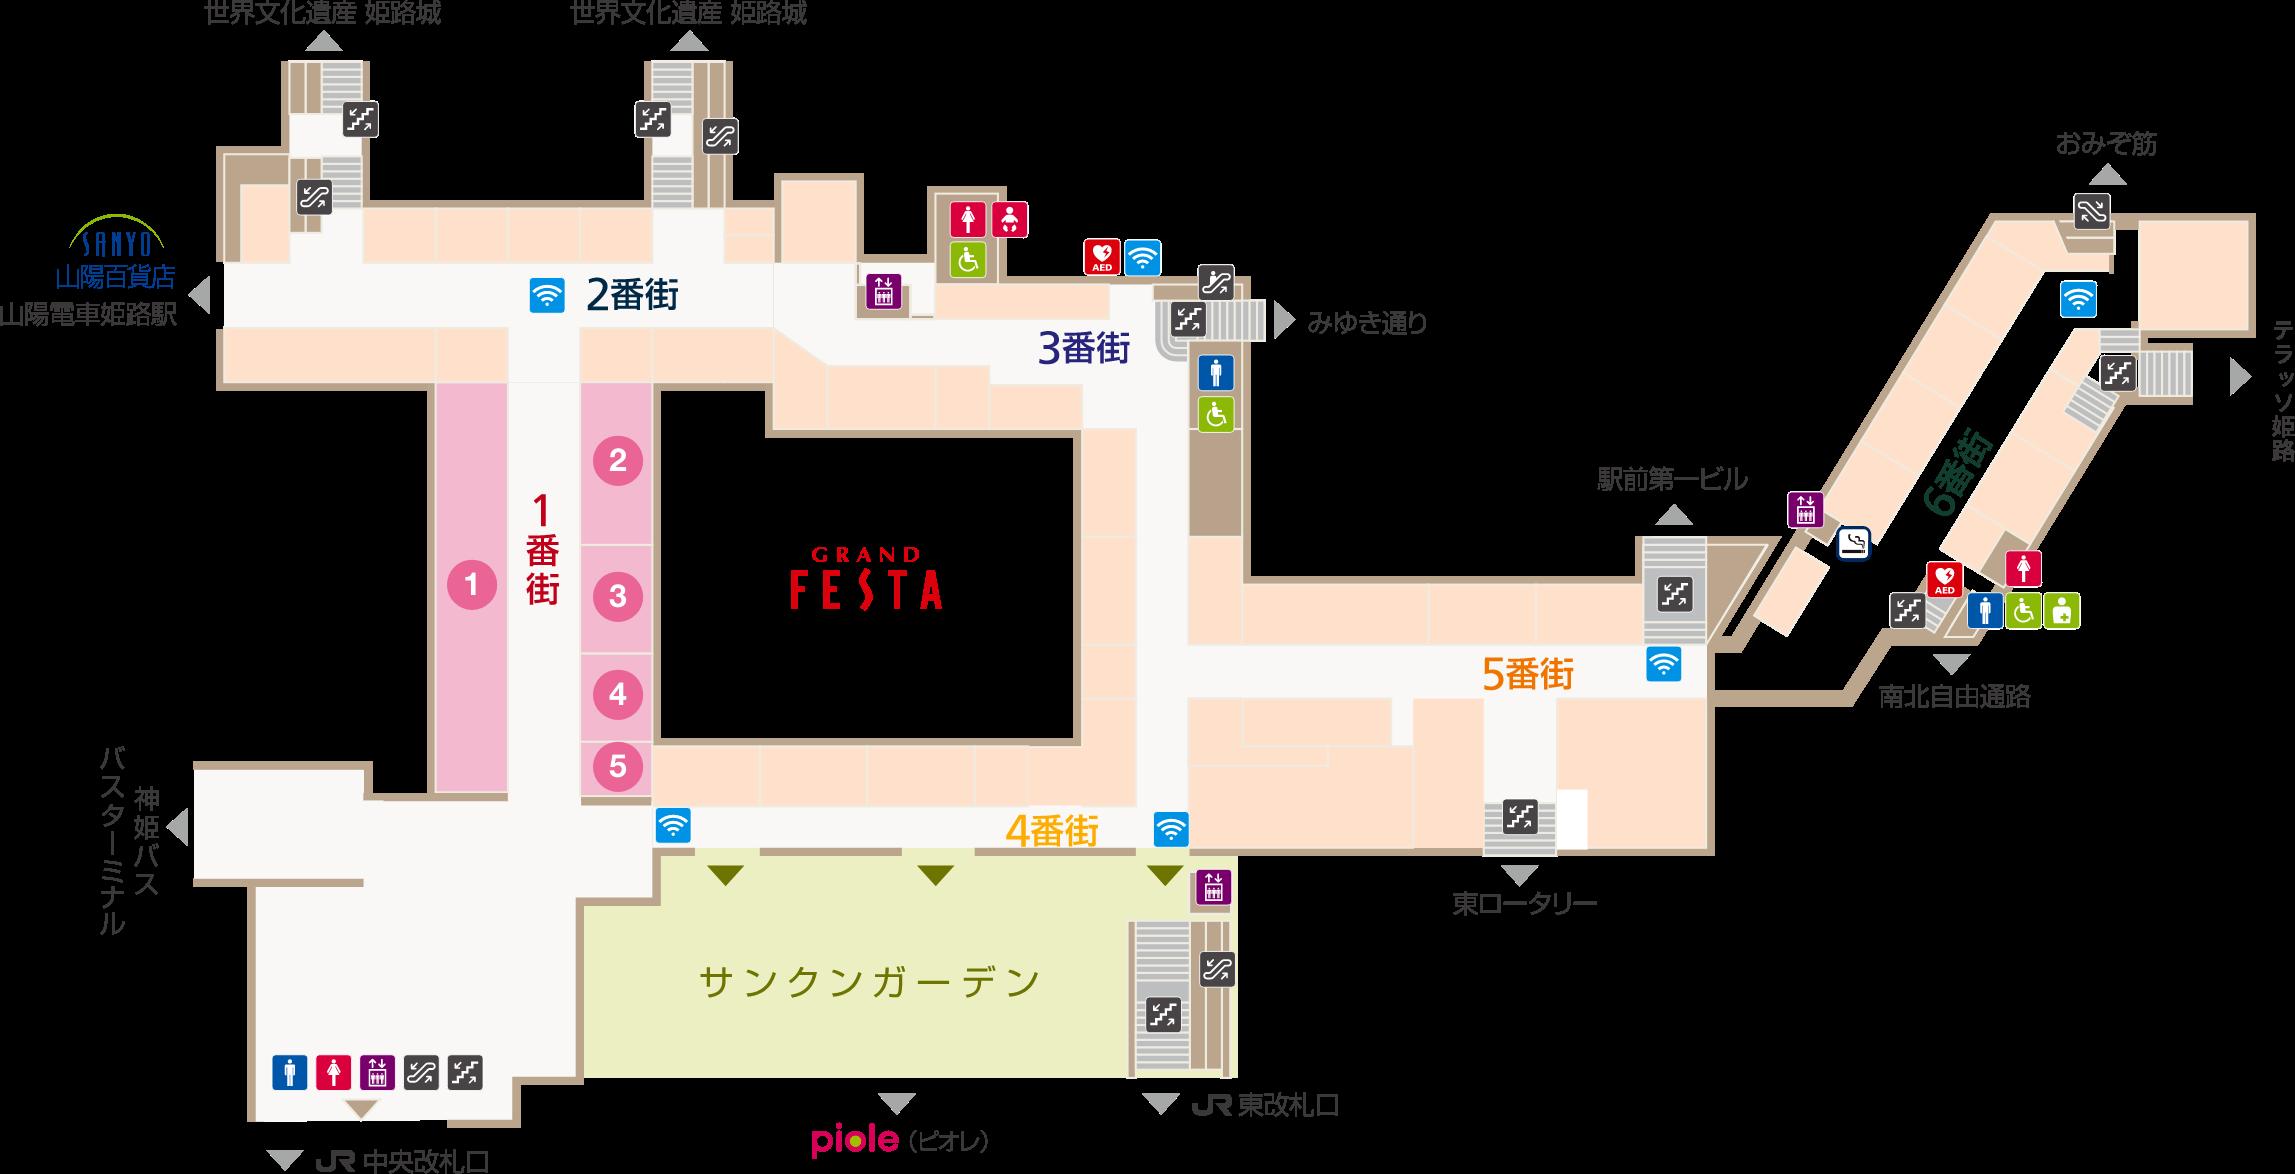 フェスタビル マップ1F